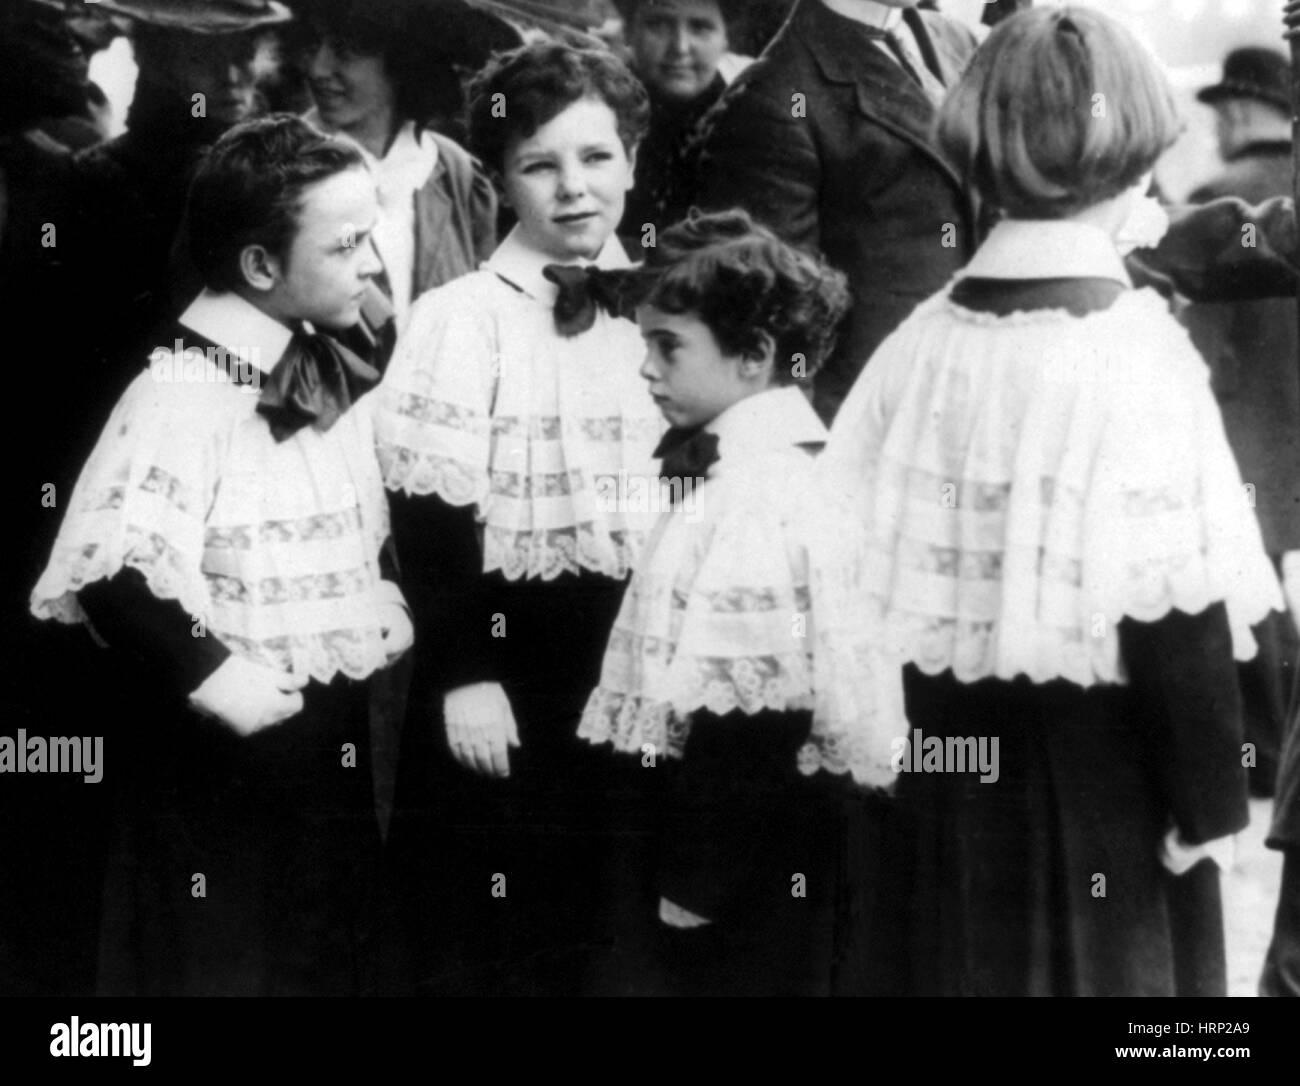 Choirboys, 20e siècle Photo Stock